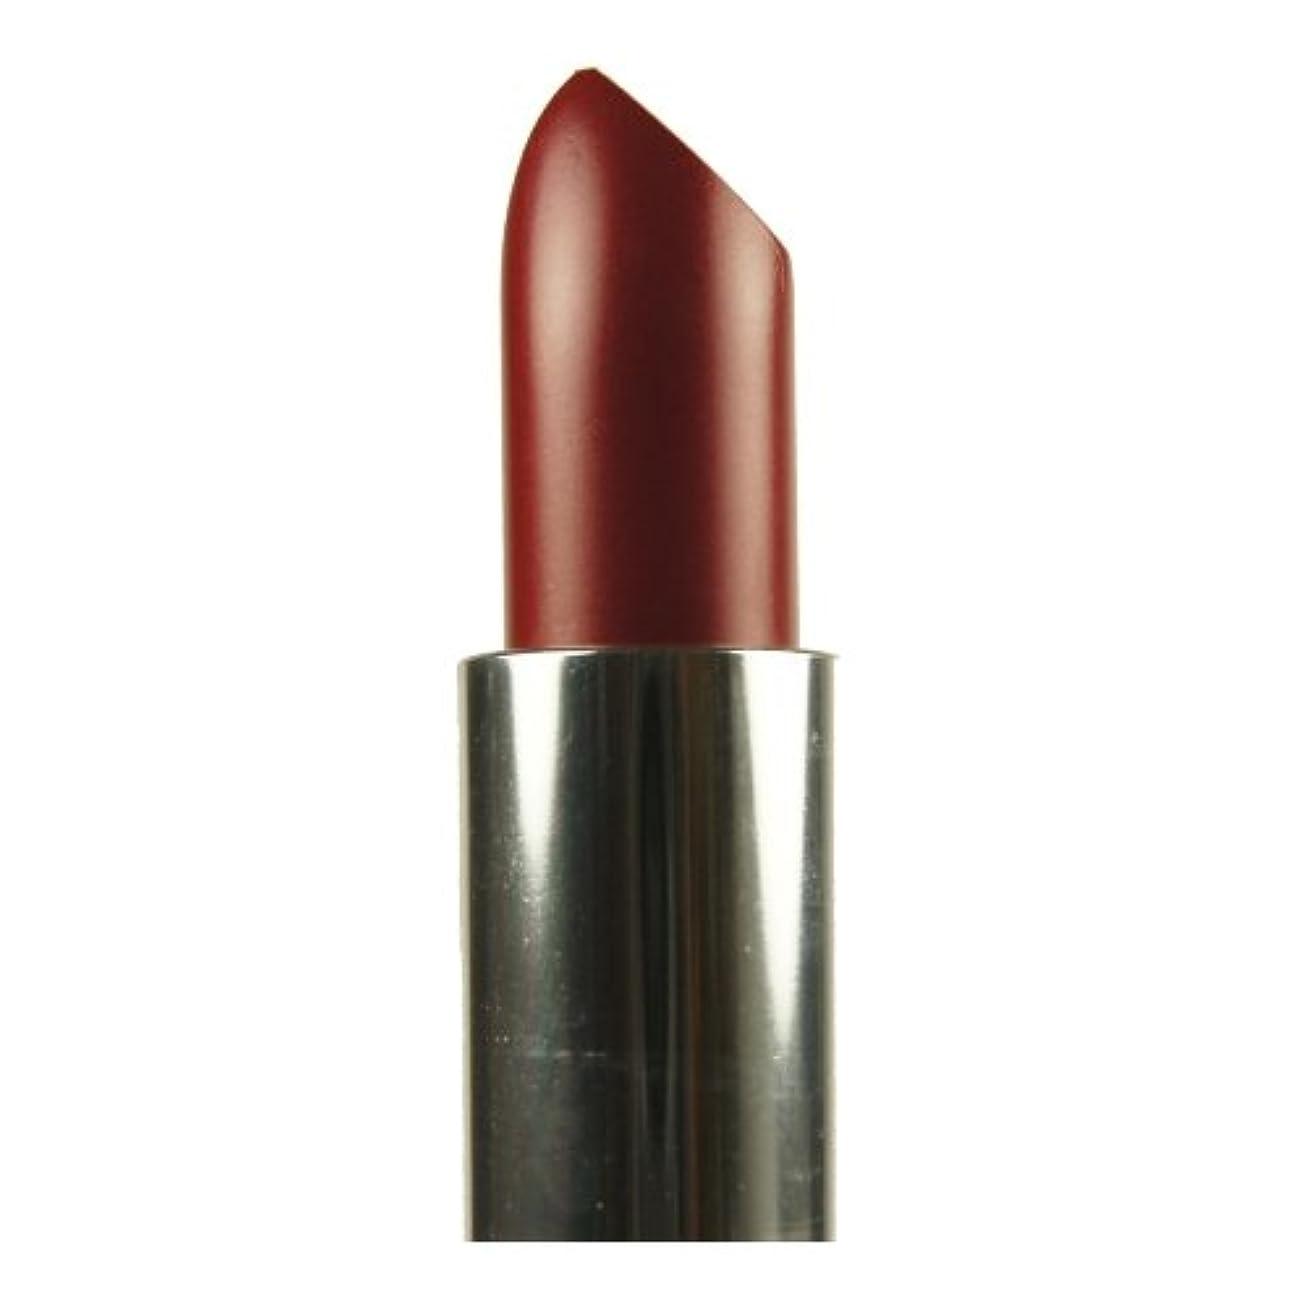 そよ風詐欺師目の前のRIMMEL LONDON Lasting Finish Intense Wear Lipstick - Bordeaux (並行輸入品)